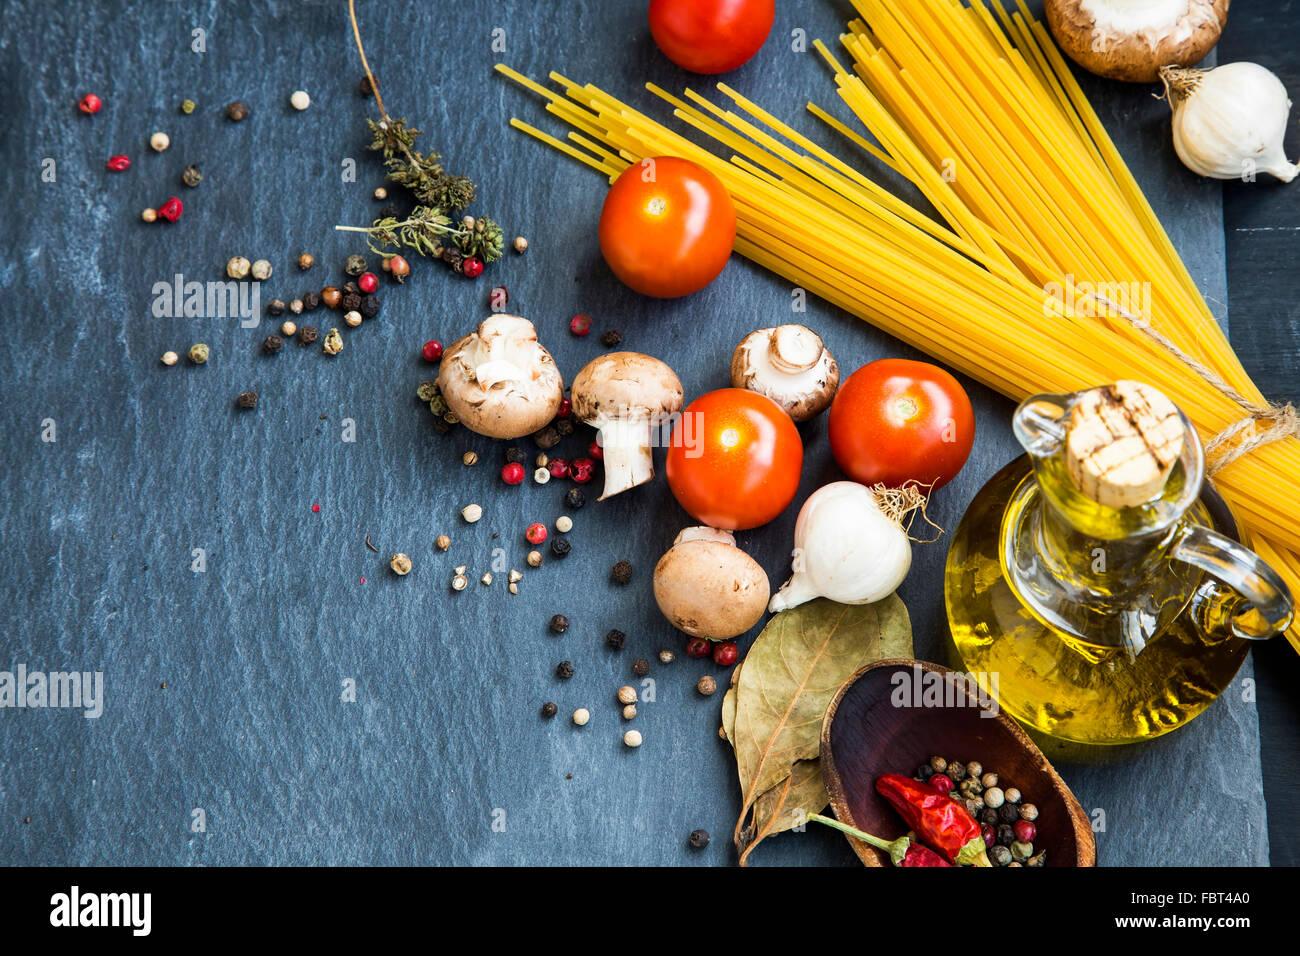 Italienisches Essen Zutaten mit Nudeln, Gewürzen, Tomaten, Olivenöl, Pilze Stockbild